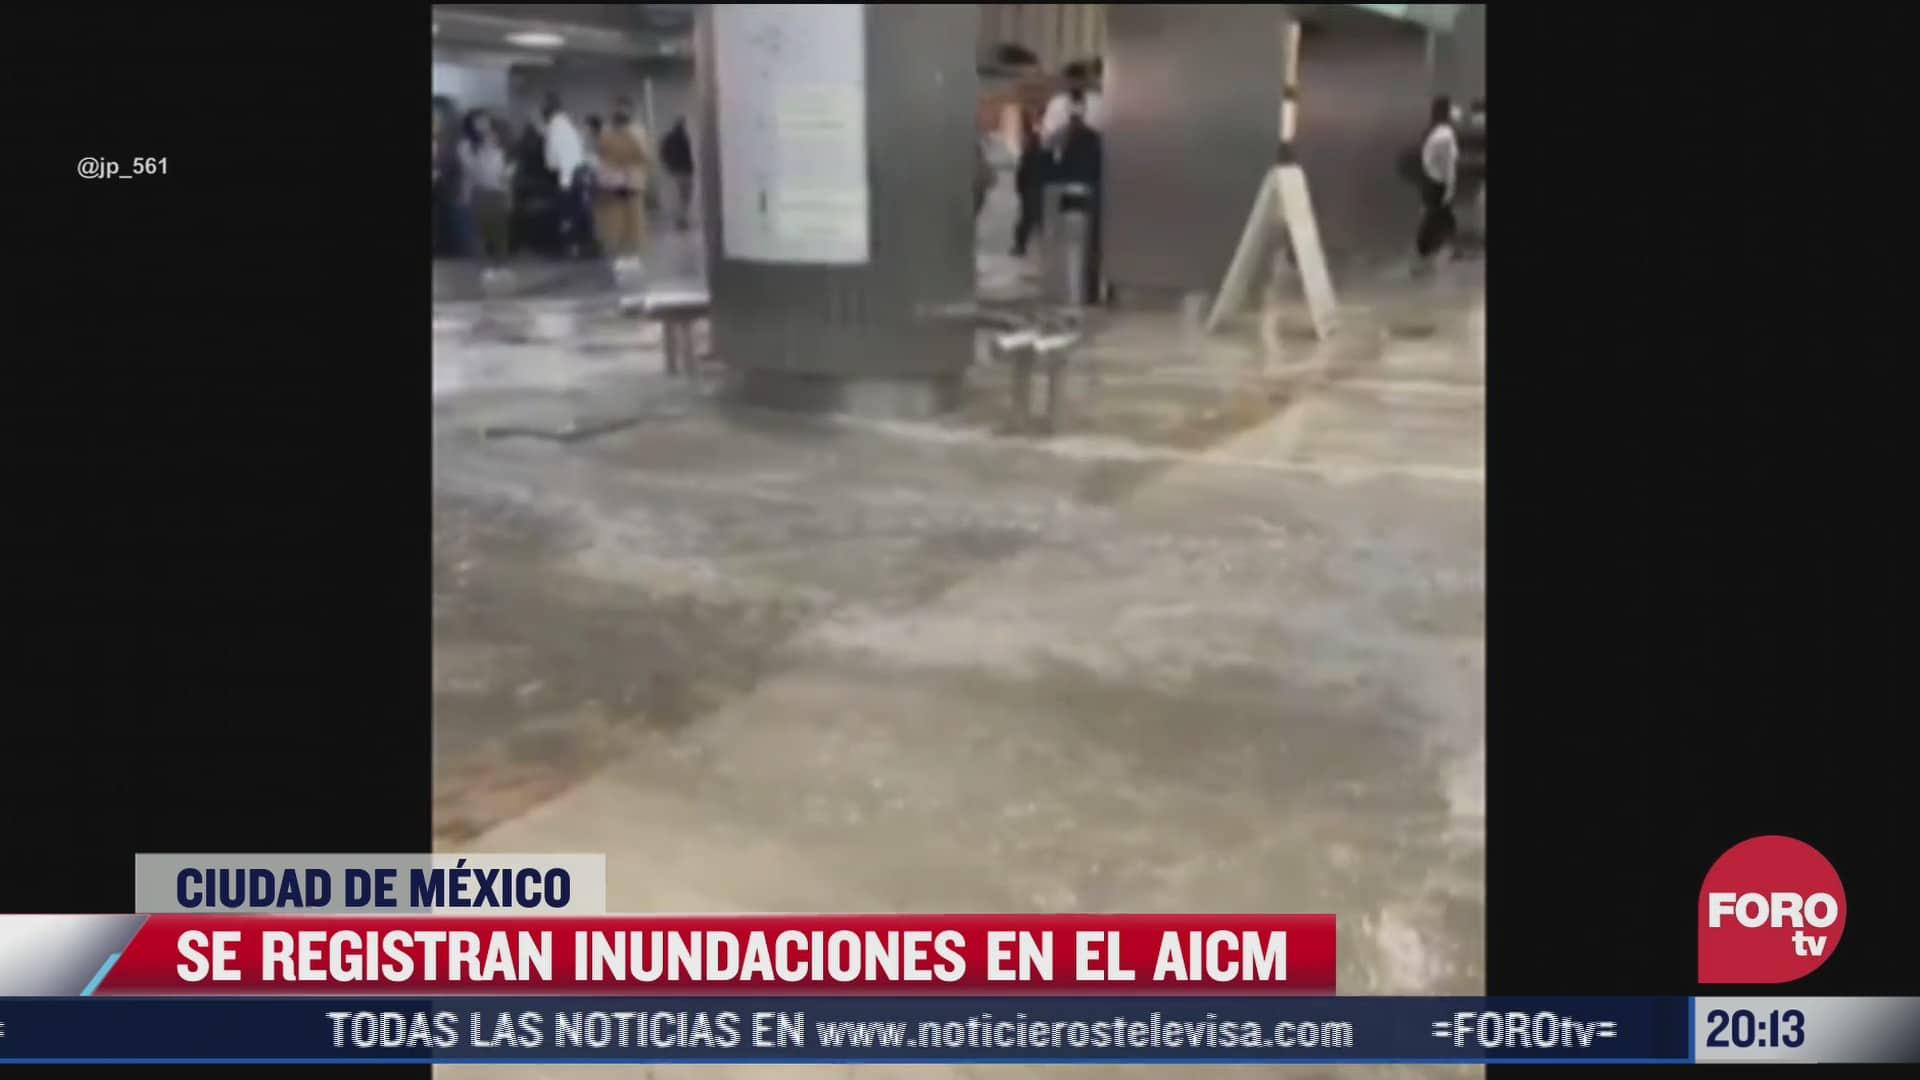 se registran inundaciones en aicm tras fuertes lluvias